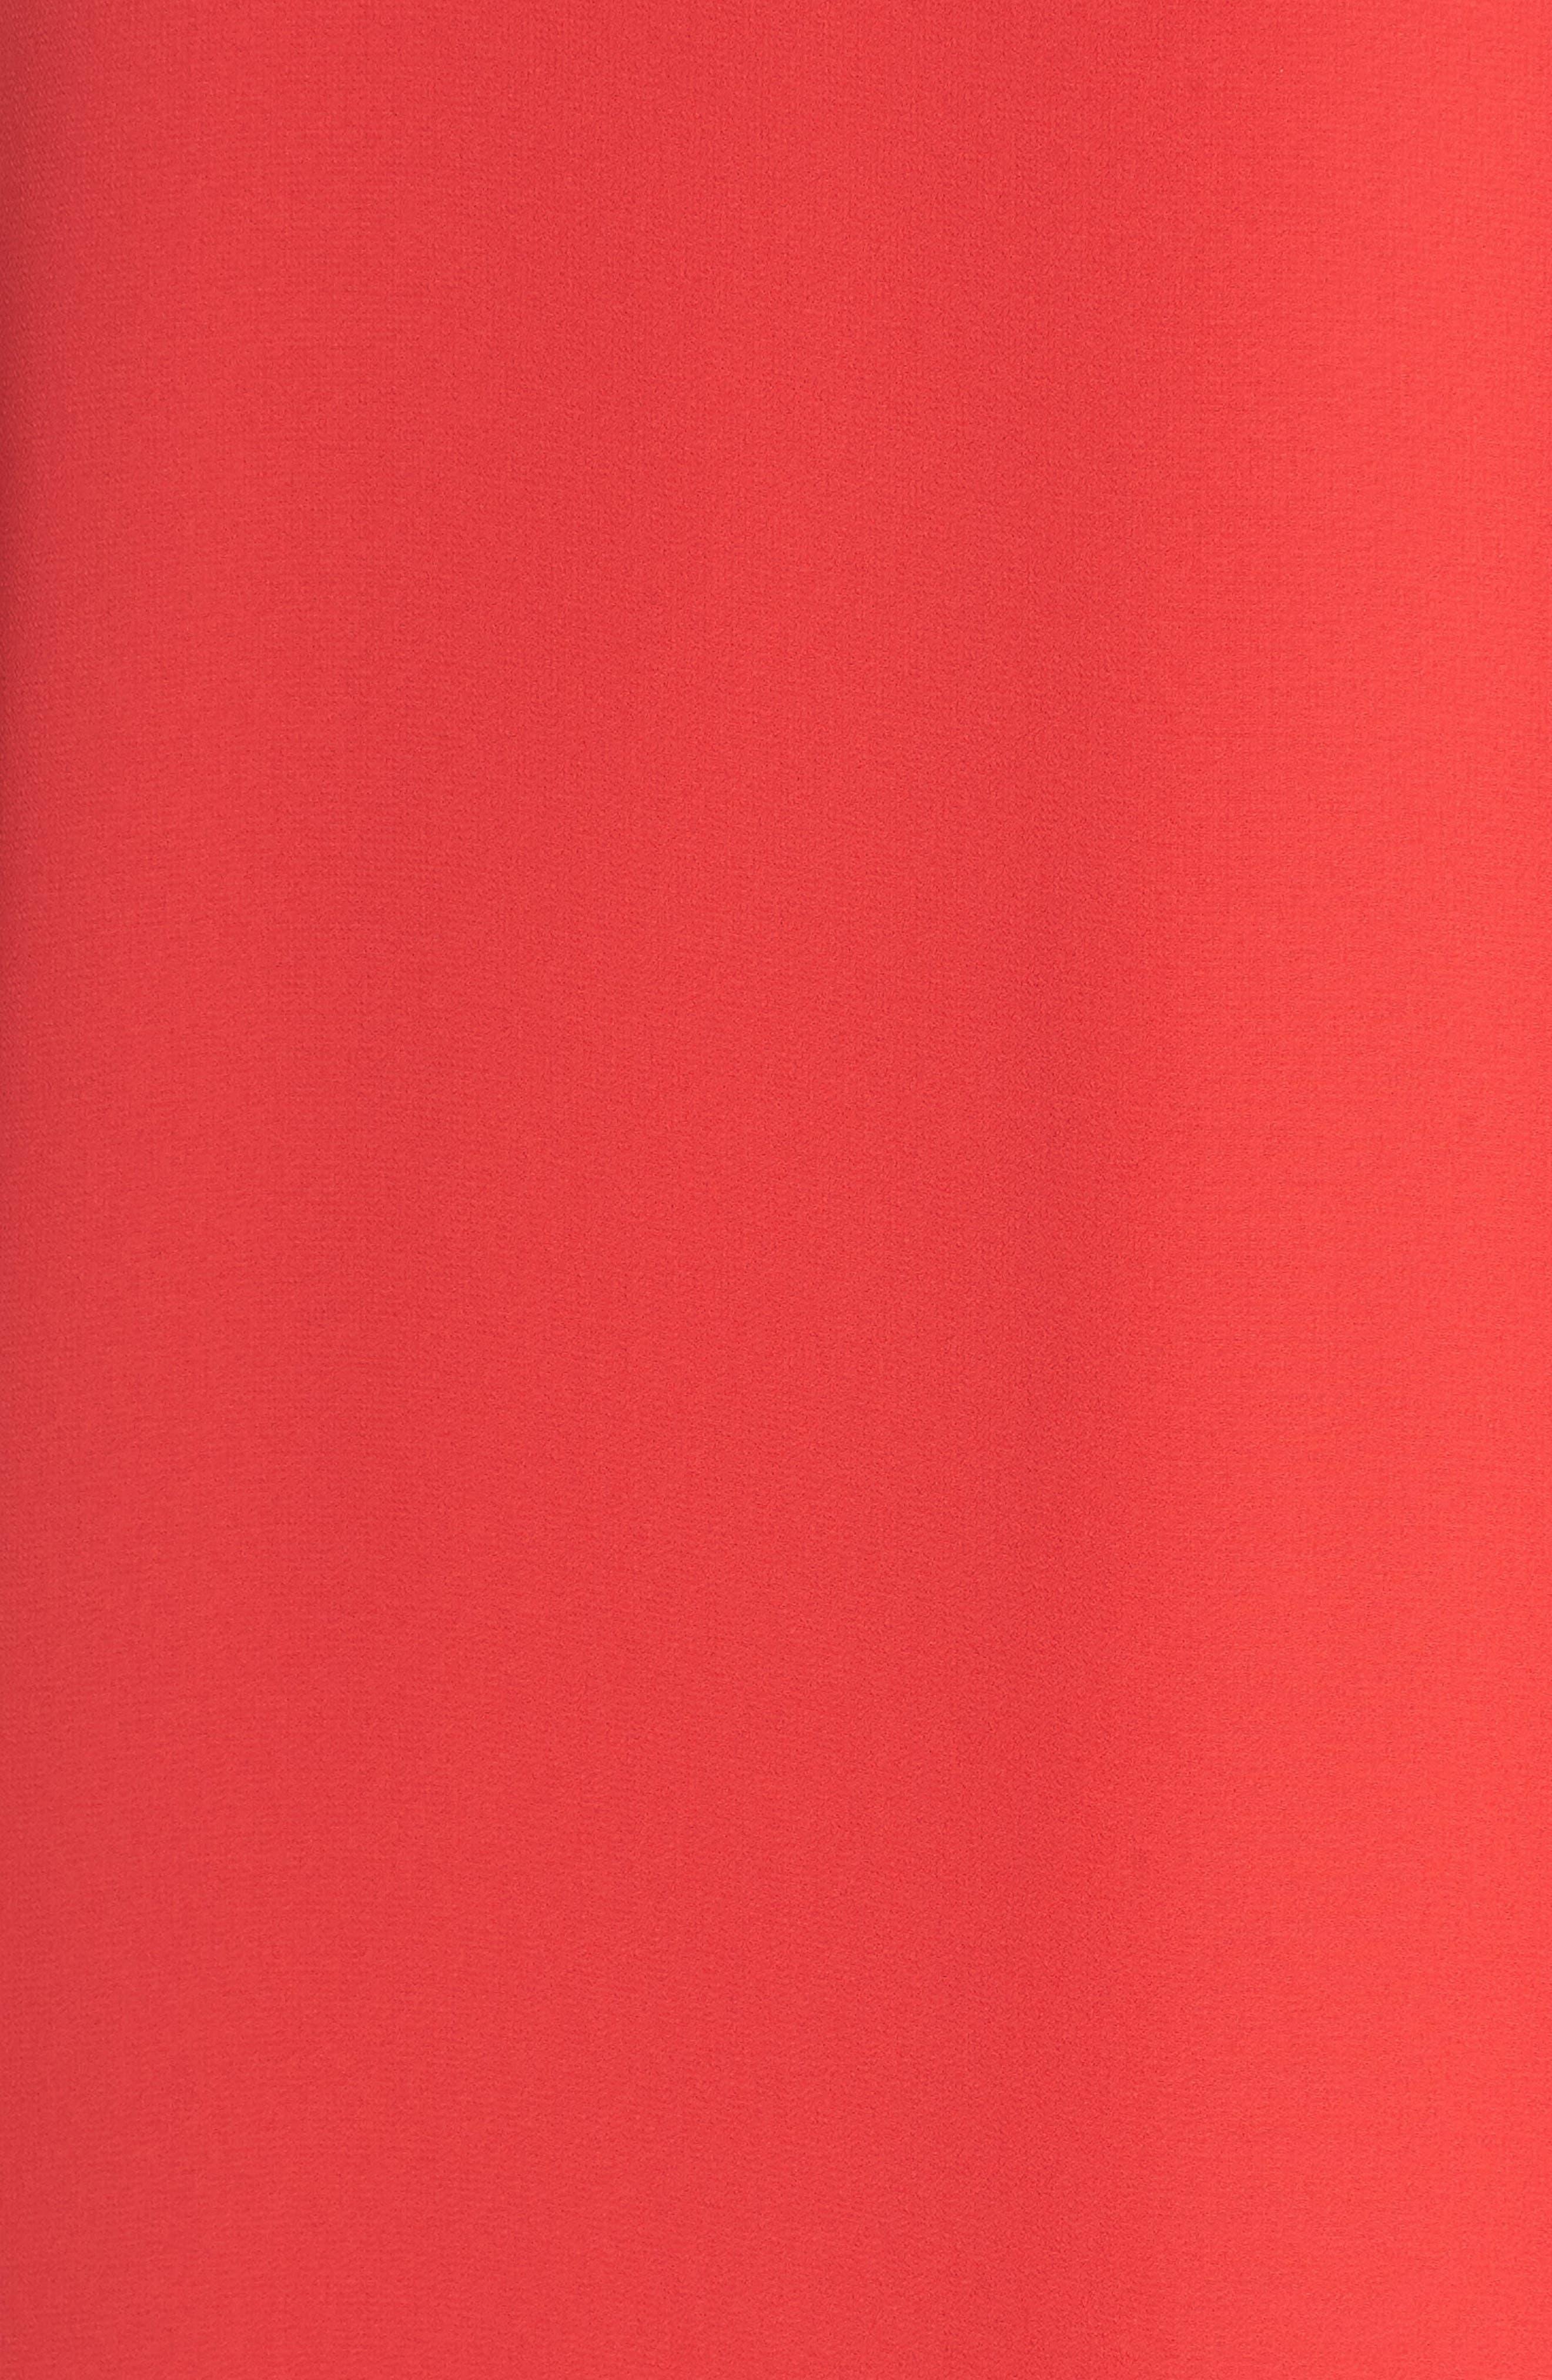 Soufflé One-Shoulder Chiffon Shift Dress,                             Alternate thumbnail 6, color,                             652